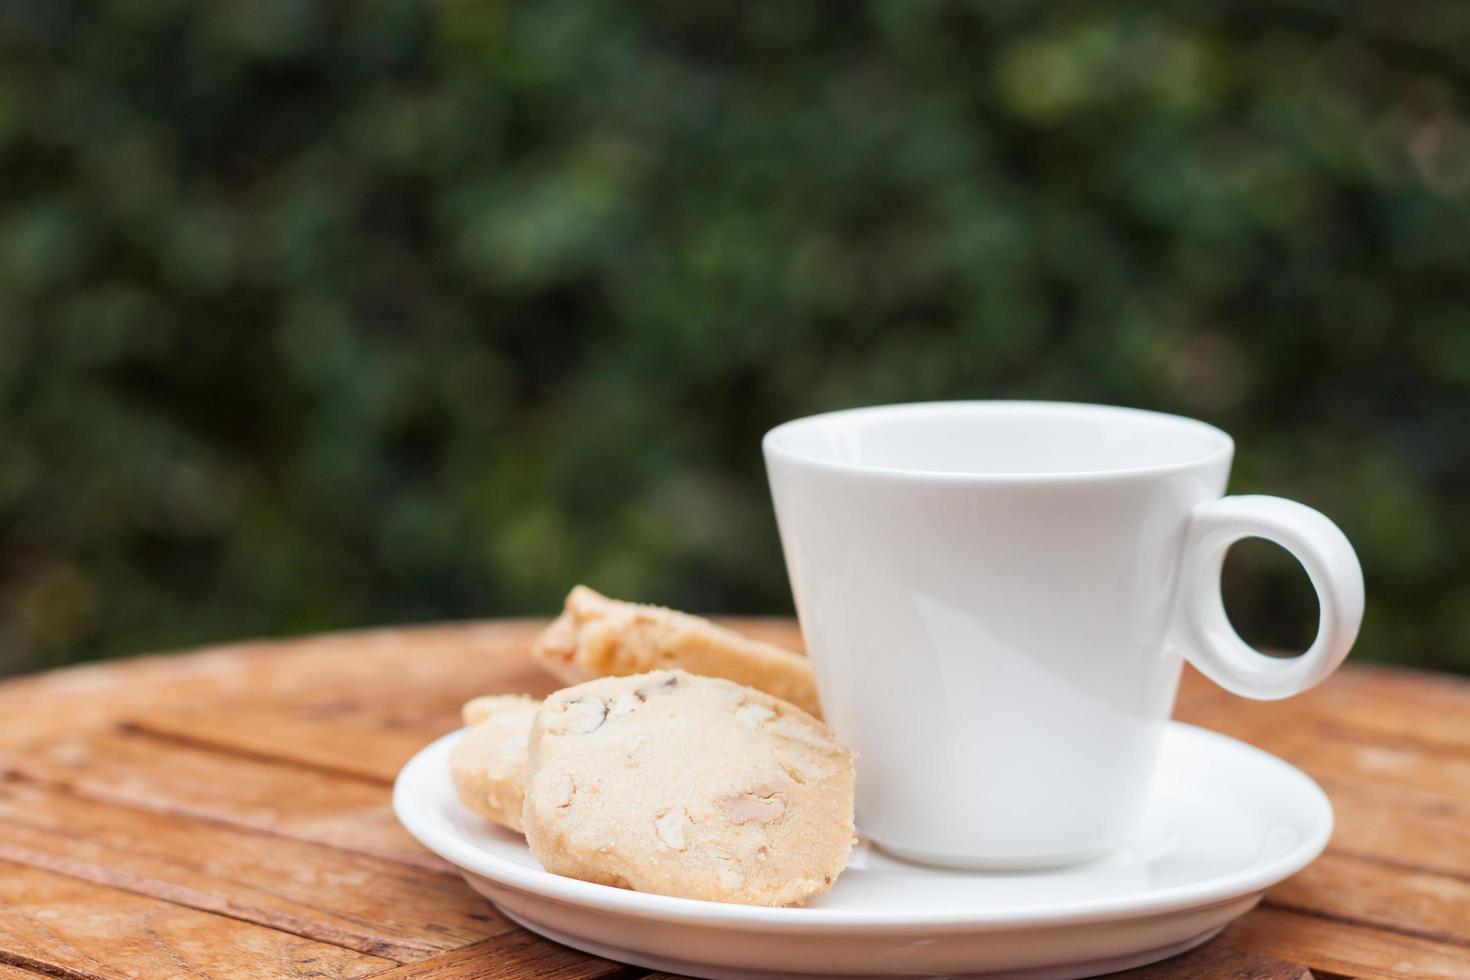 cashew cookies met een witte koffiekopje op een tafel buiten foto